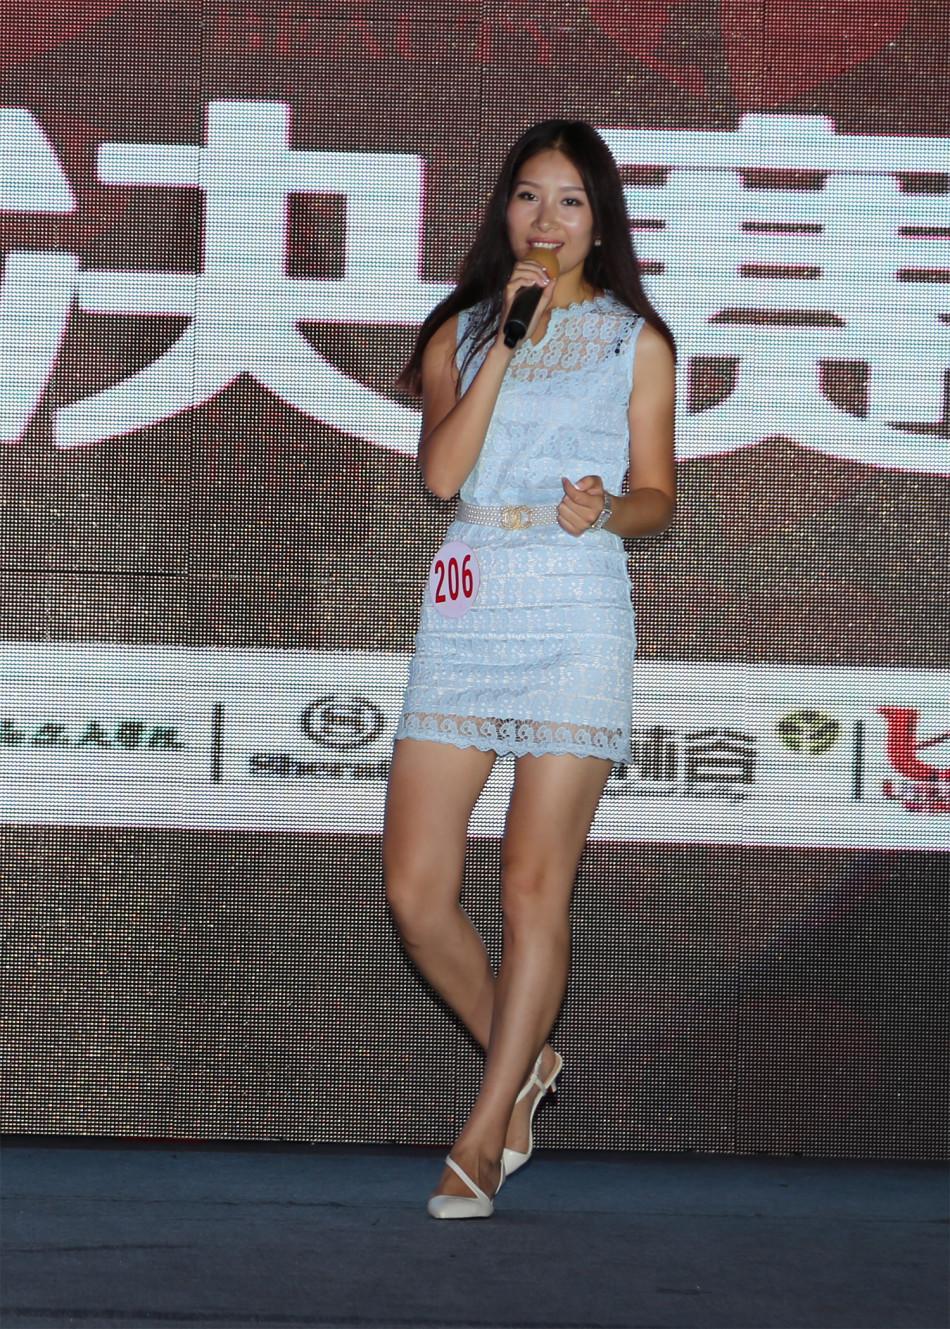 中国选美大赛_北京时间8月14日晚,中国首届高尔夫小姐选美大赛总决赛在海南七仙岭